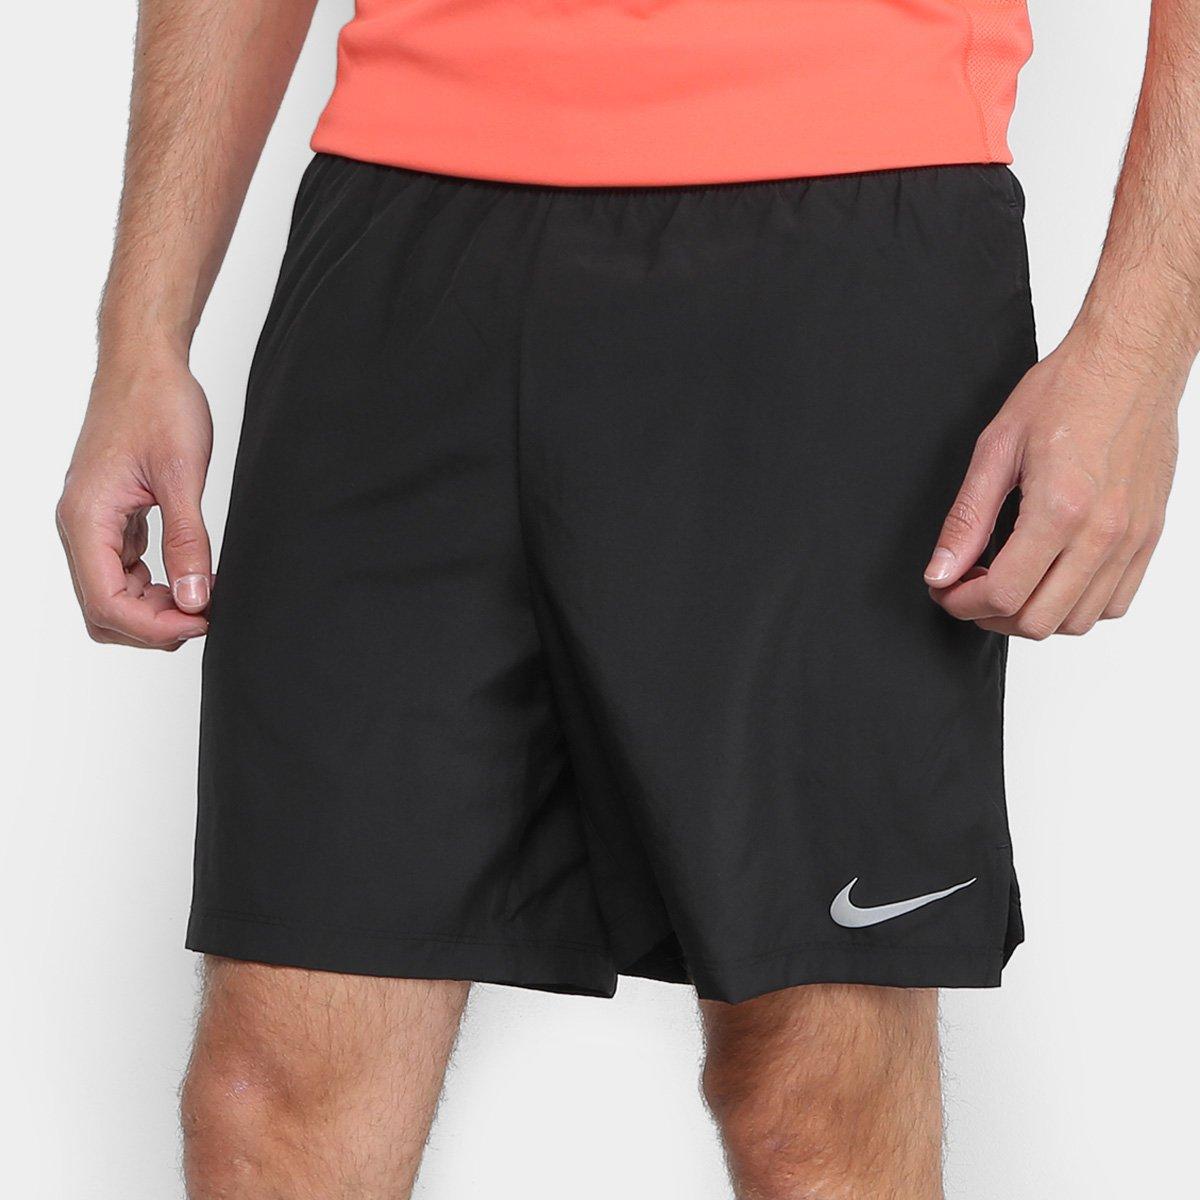 ed22c01598b87 Bermuda Nike Challenger BF 7 In Masculina - Preto - Compre Agora ...